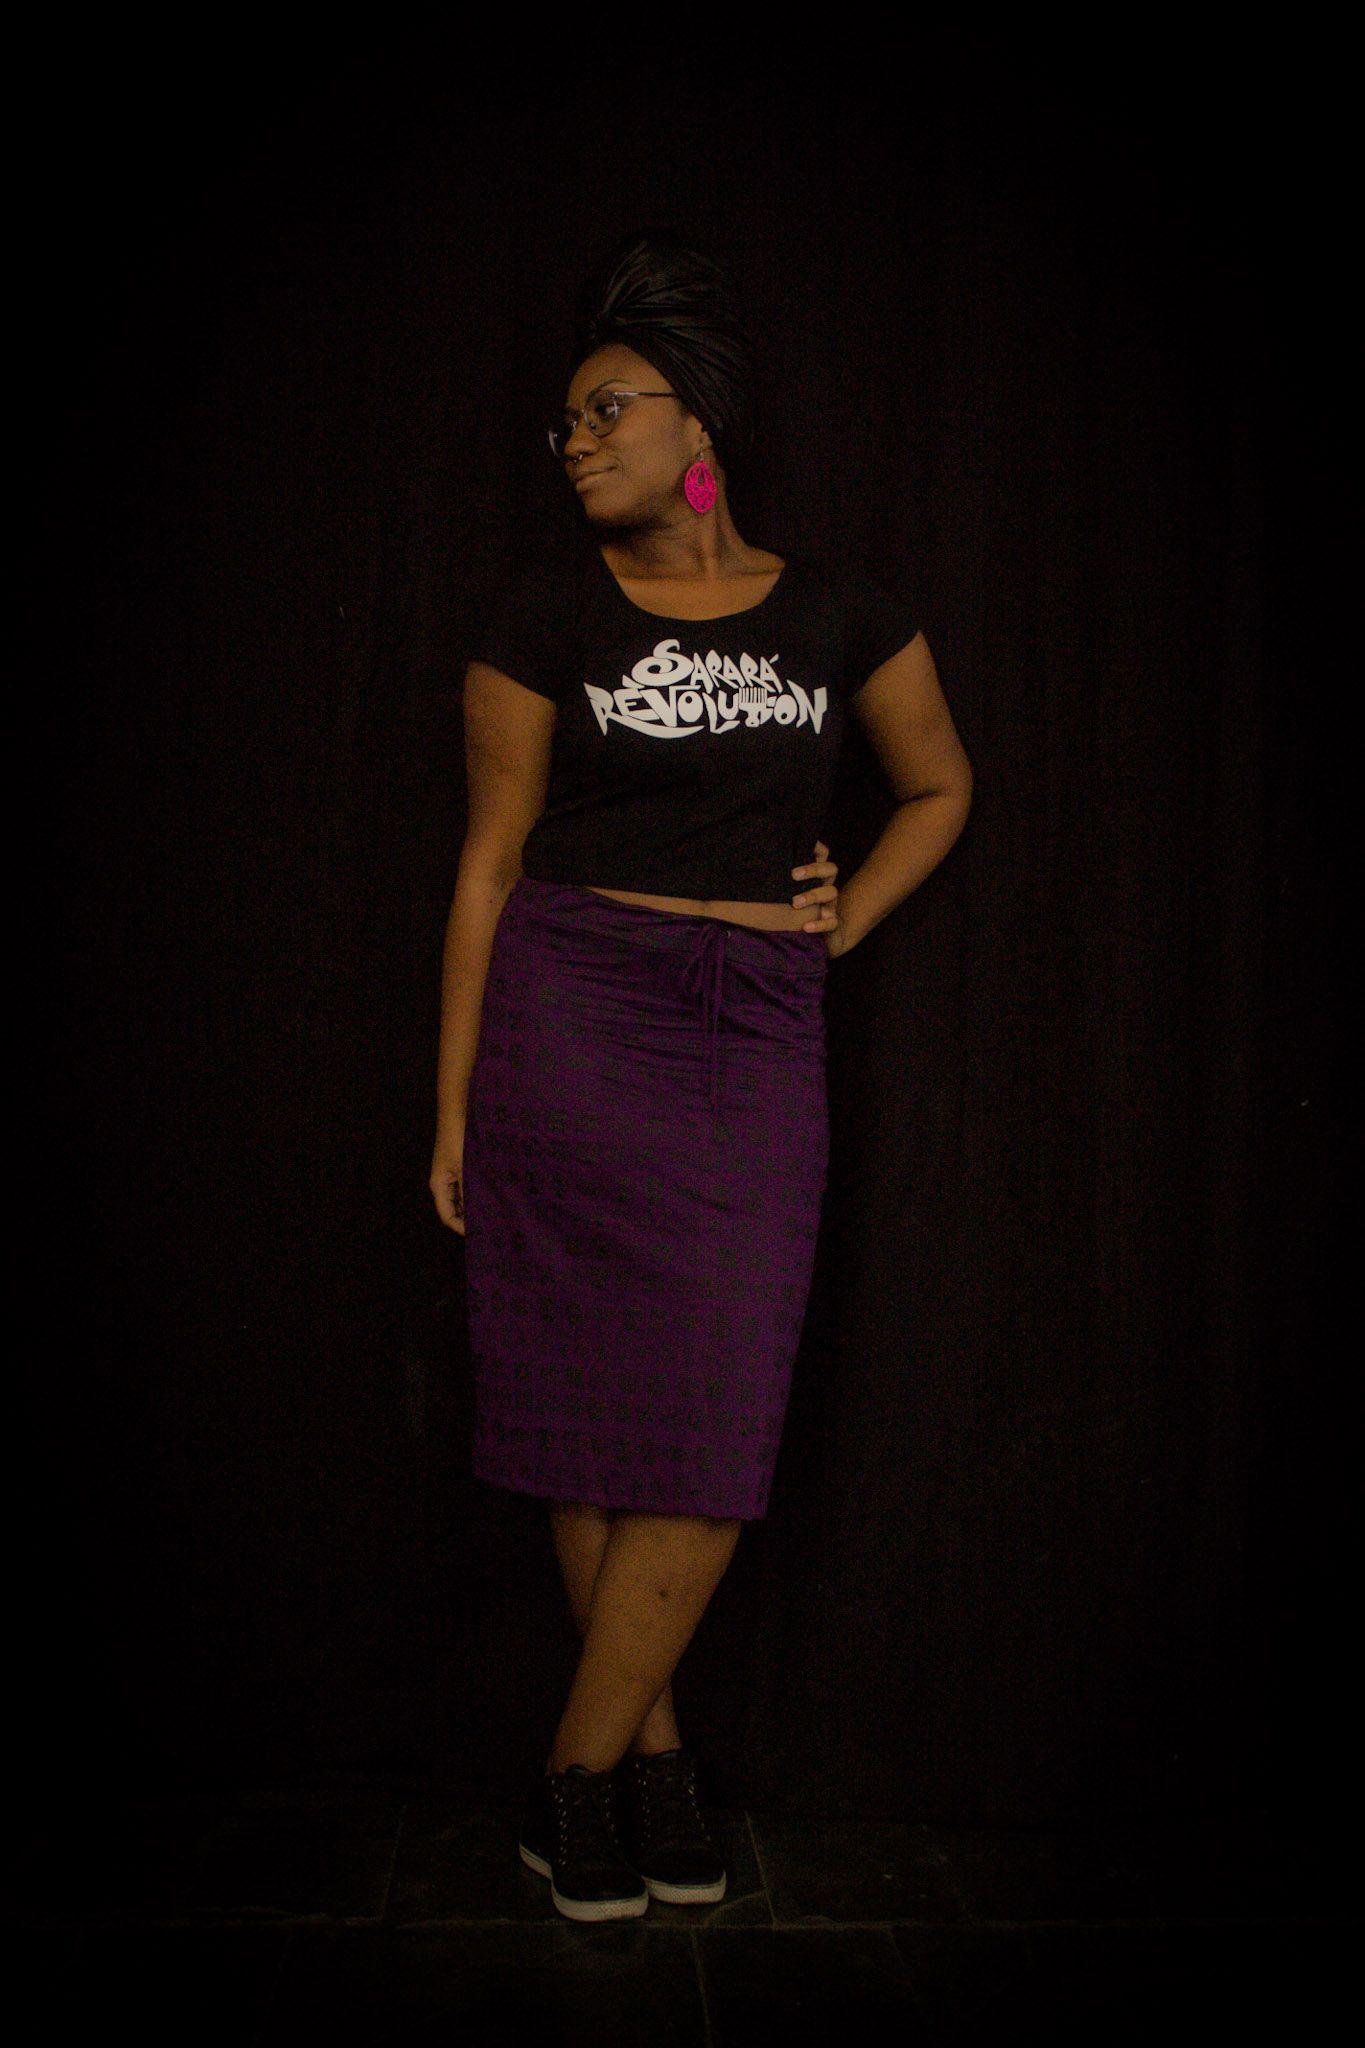 A modelo Karla Caroline usa blusa com estampa Sarará Revolution.Valor :R$40 reais. E saia roxo com símbolos adinkras por R$68 reais